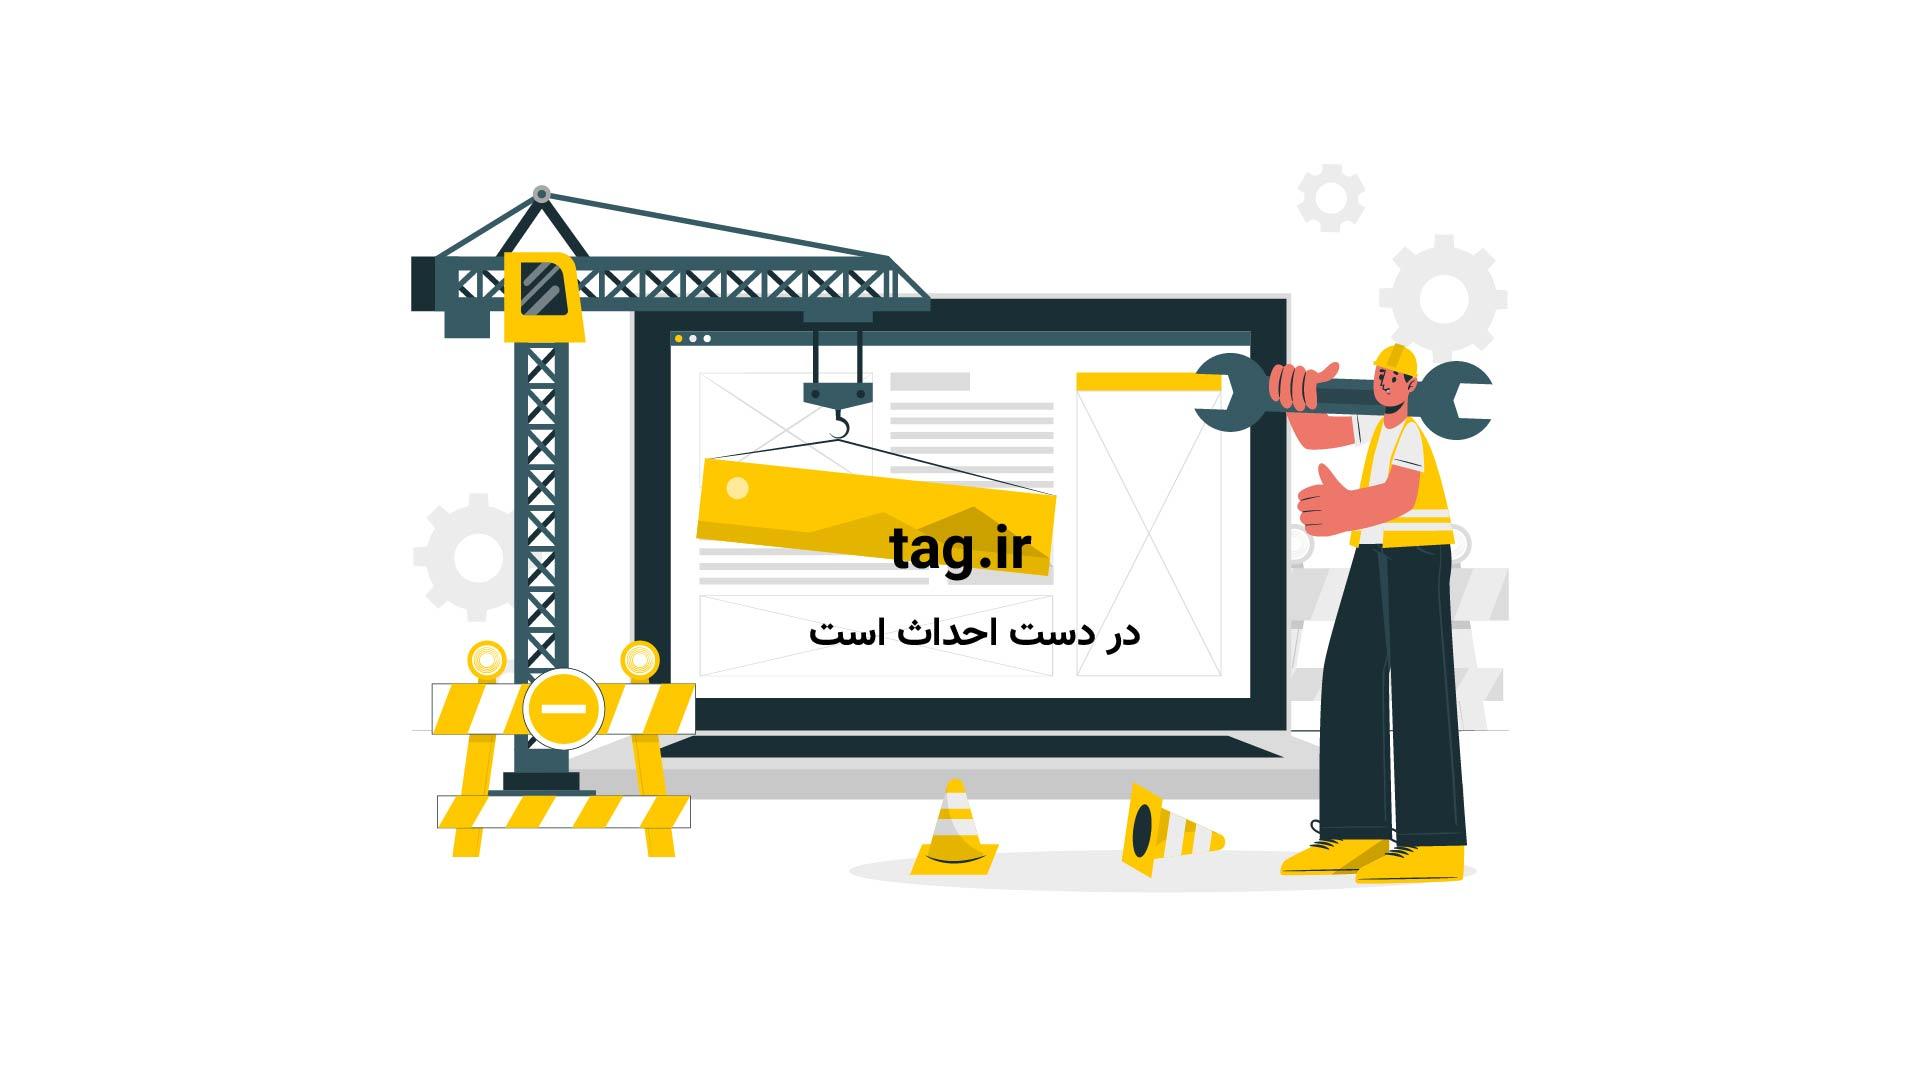 تیتر روزنامههای اقتصادی سهشنبه ۳۰ آبان | فیلم